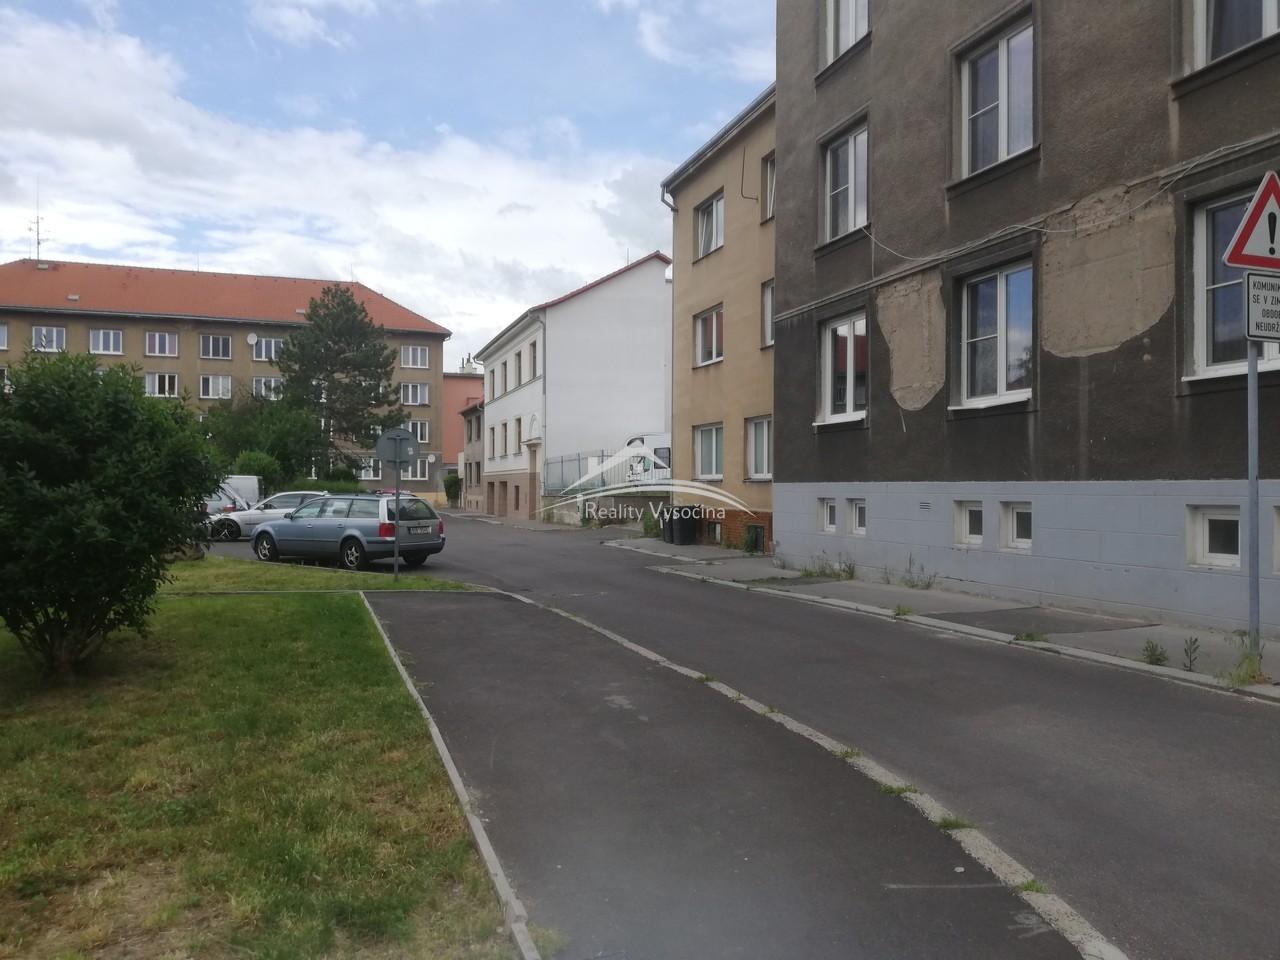 Garáž v Ústí nad Labem, Střekov.